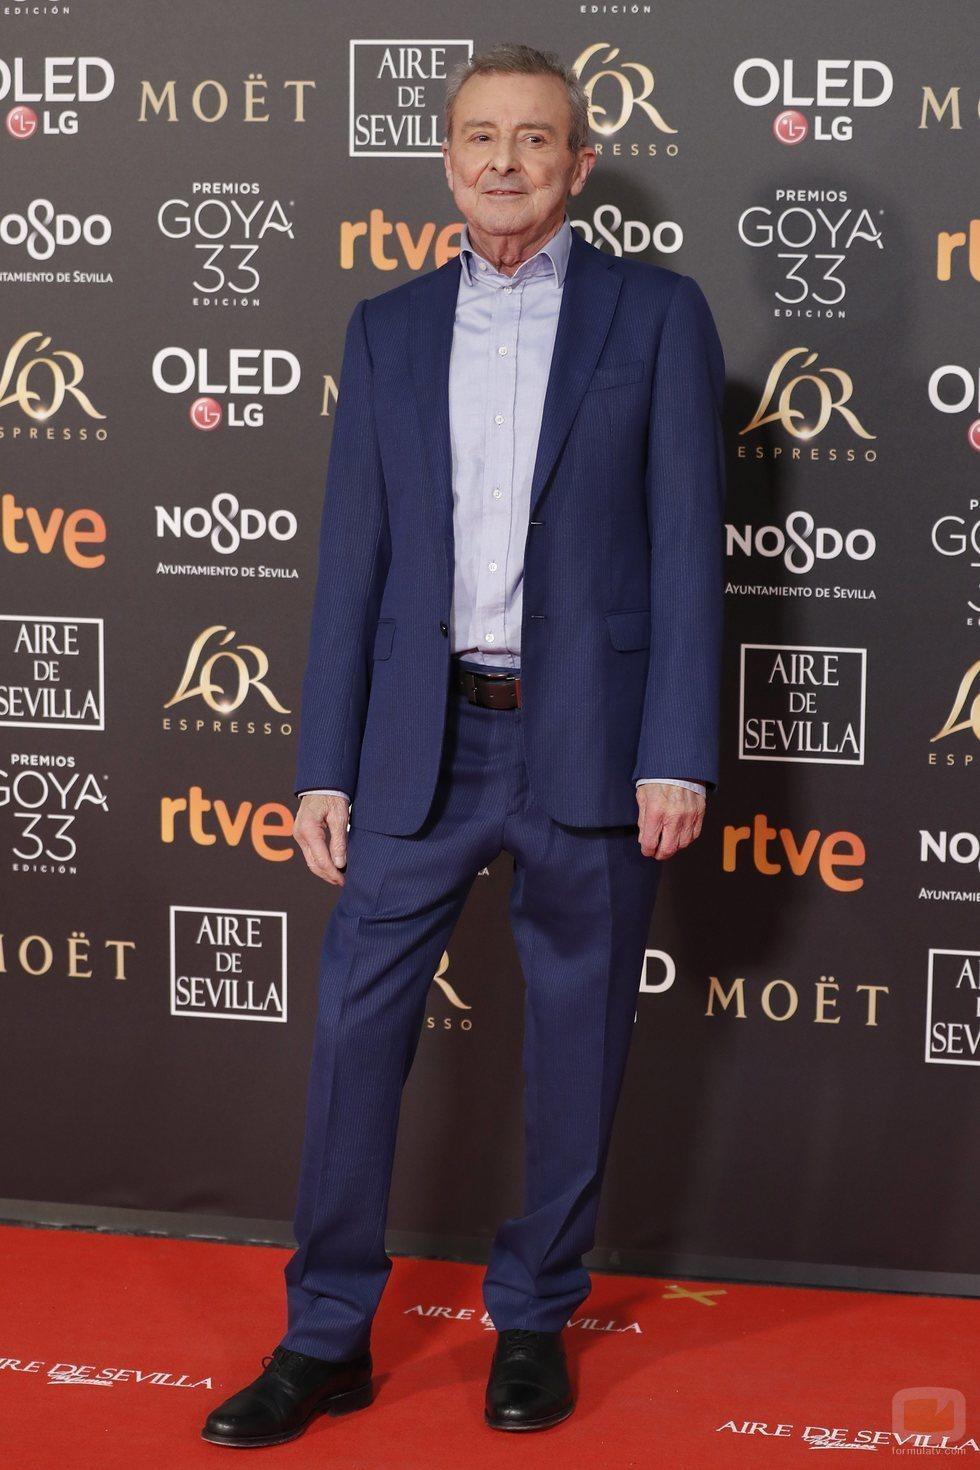 Juan Diego en la alfombra roja de los Goya 2019